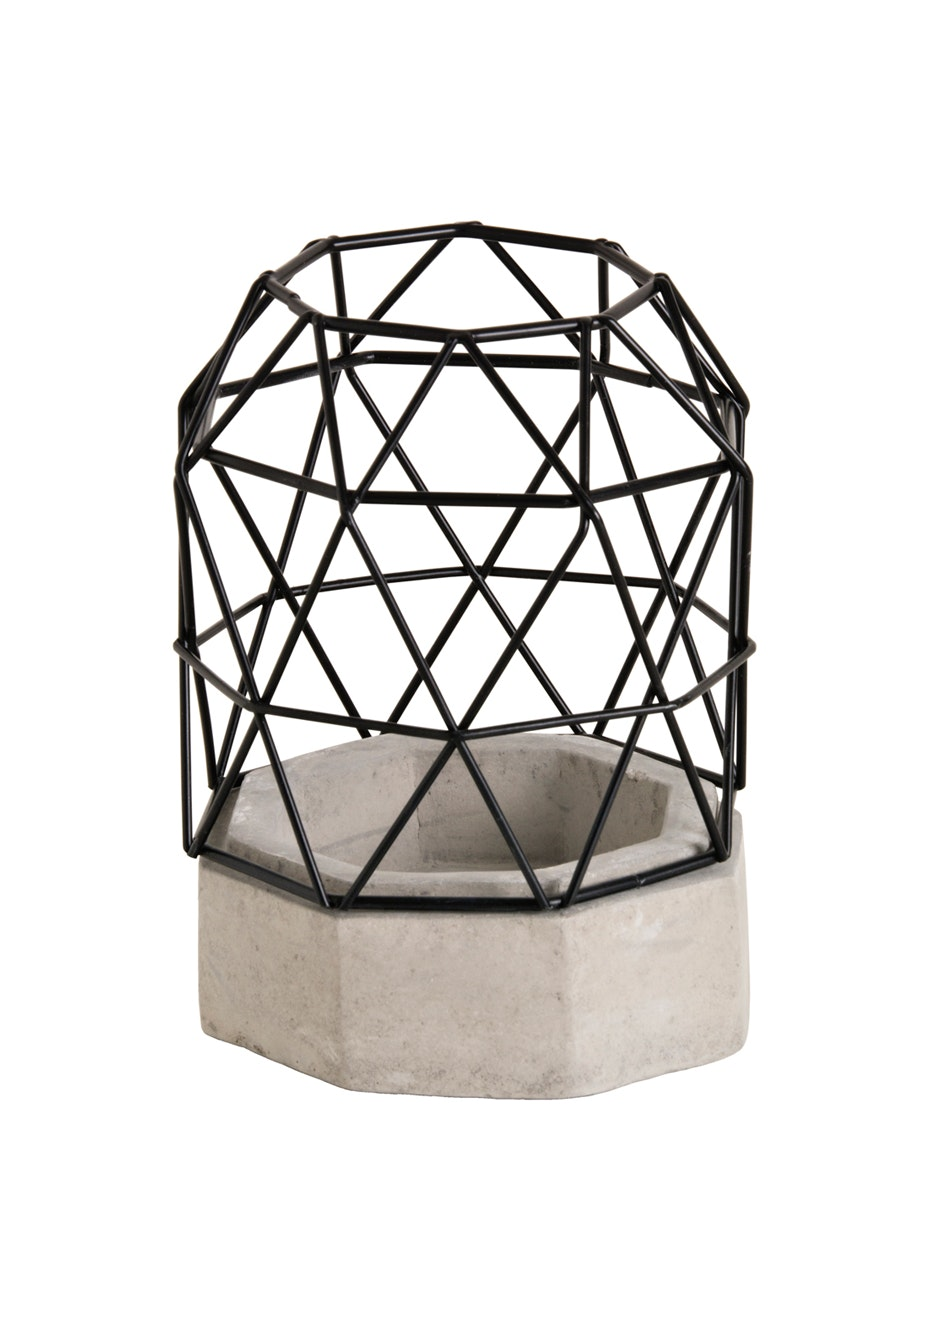 Jason - Concrete Candle holder - Black/concrete